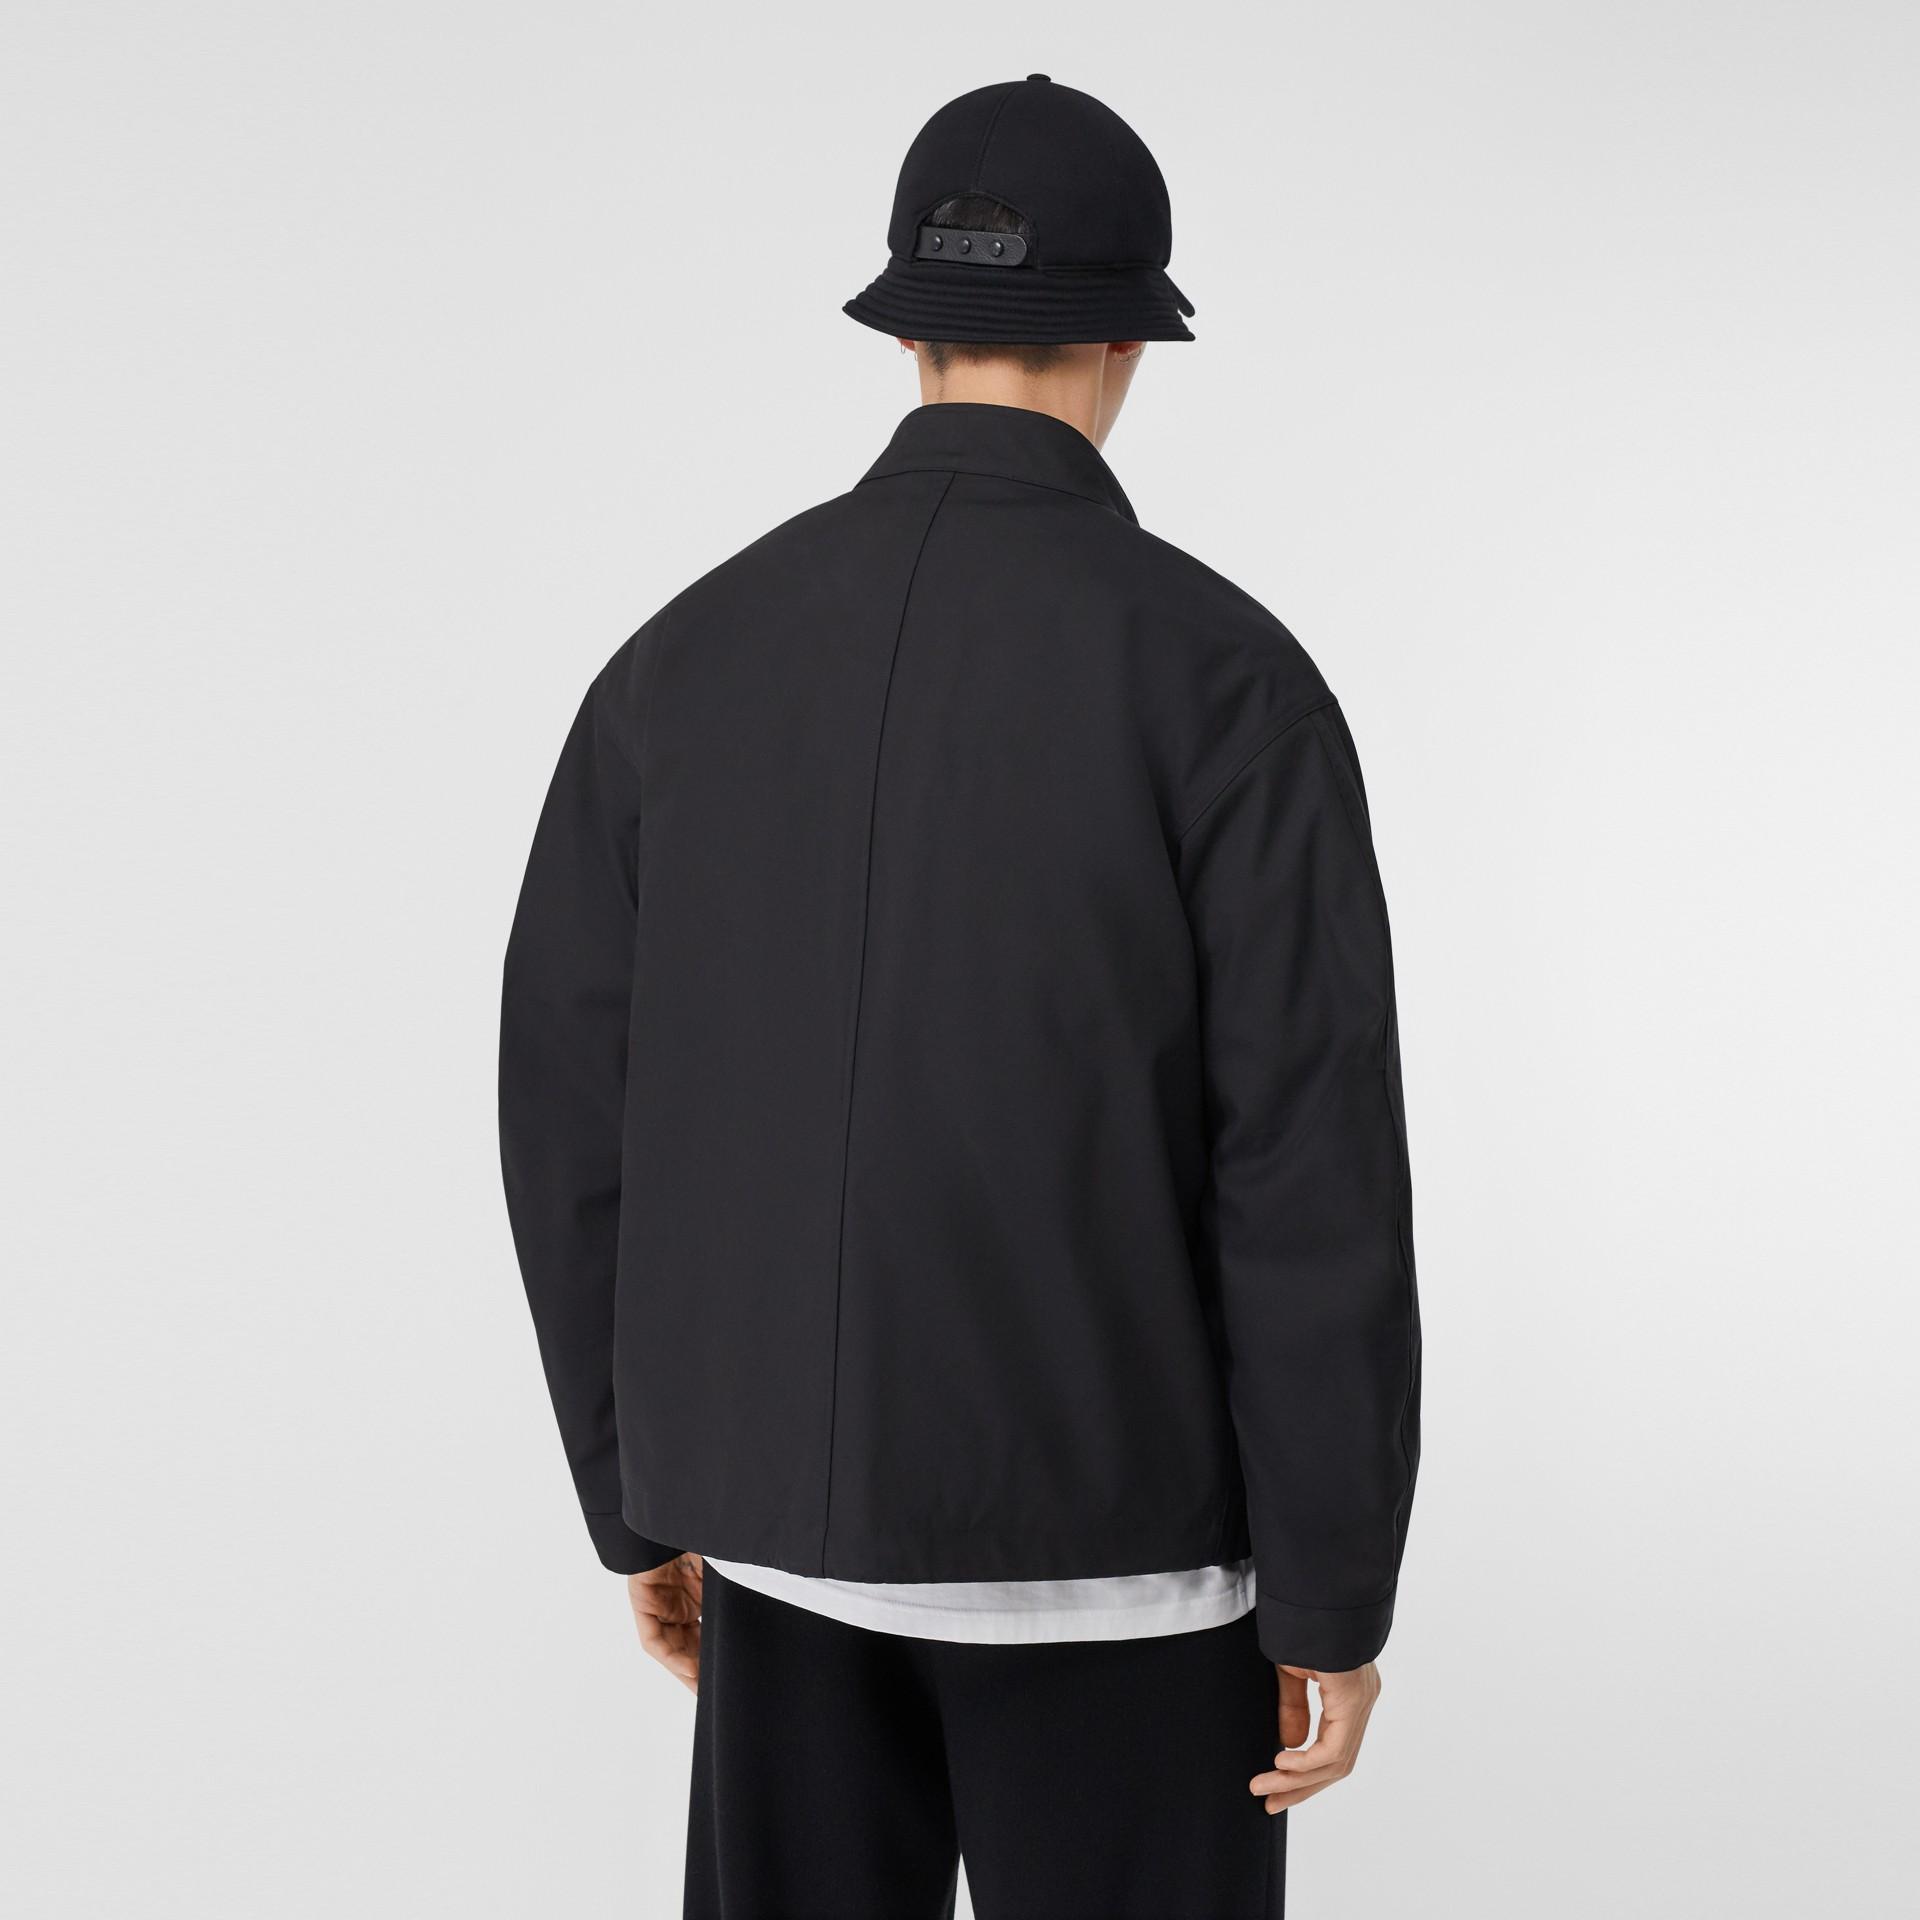 Veste en coton contrecollé avec gilet intérieur amovible (Noir) - Homme | Burberry - photo de la galerie 2